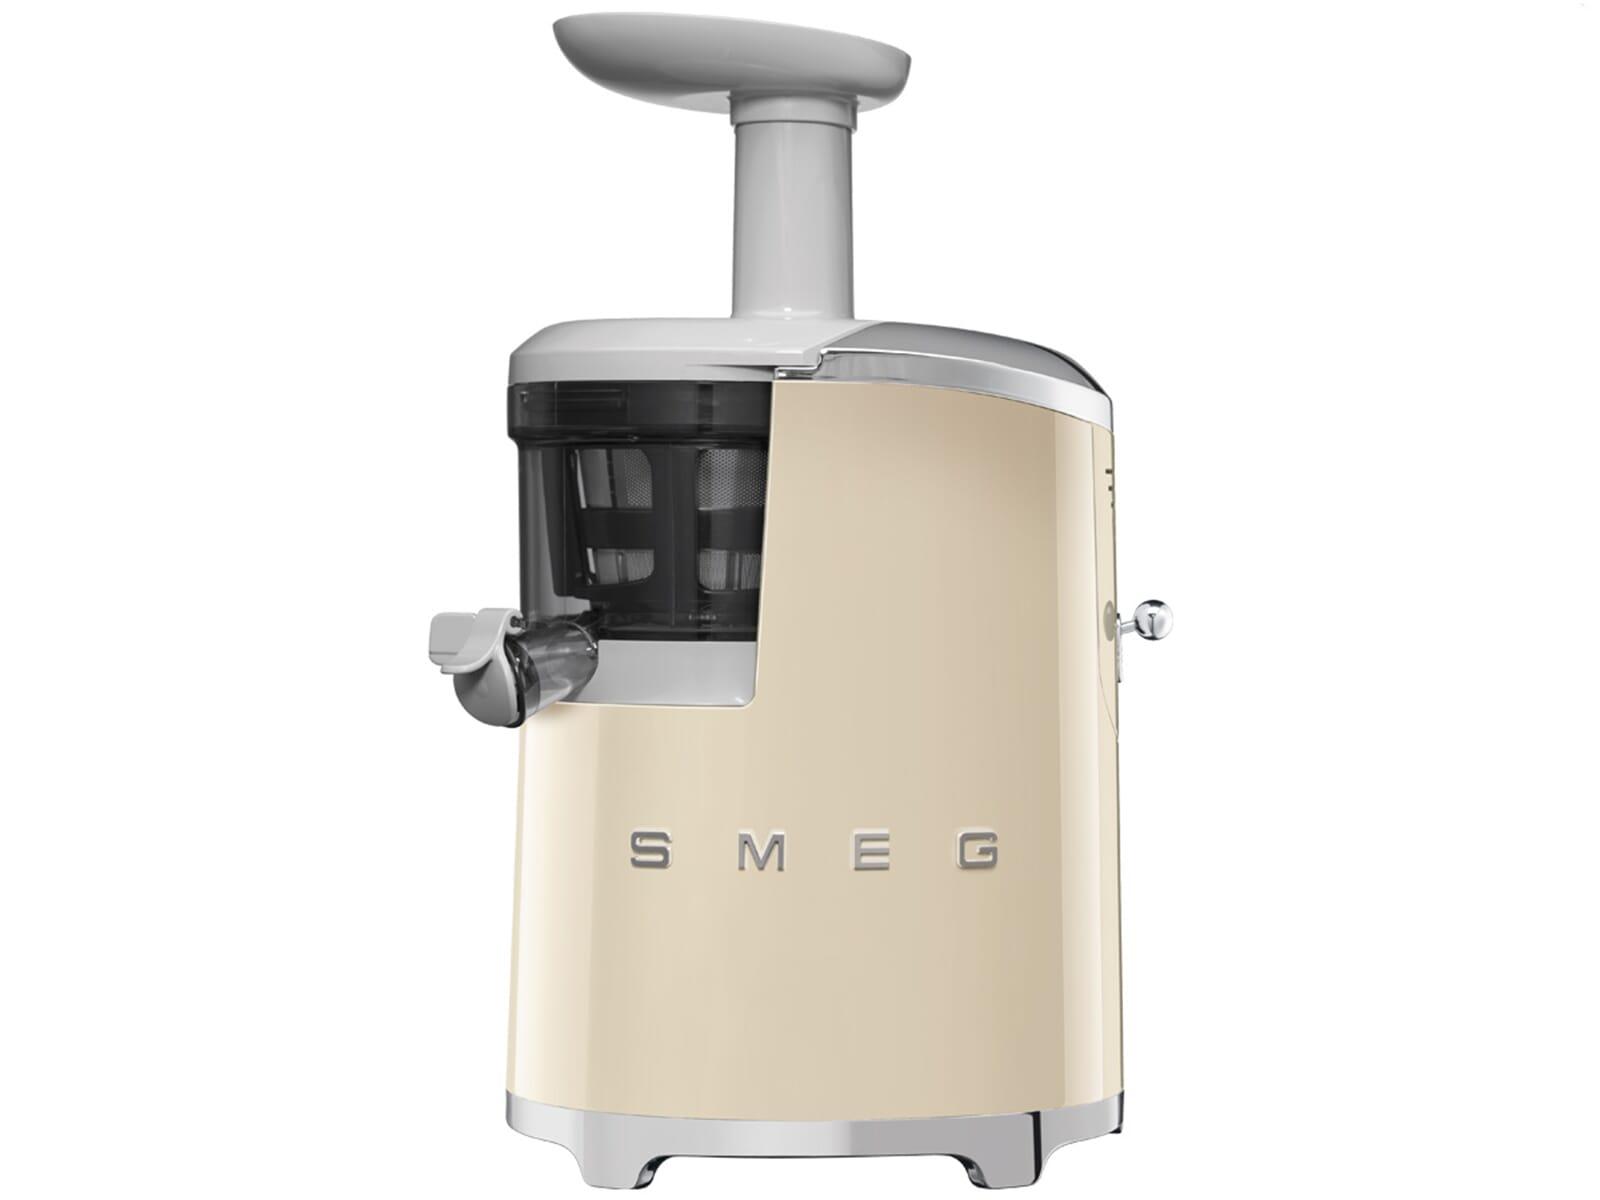 Smeg Kühlschrank Leise : Smeg kühlschrank saturn: kühlschrank in brackel dortmund ebay